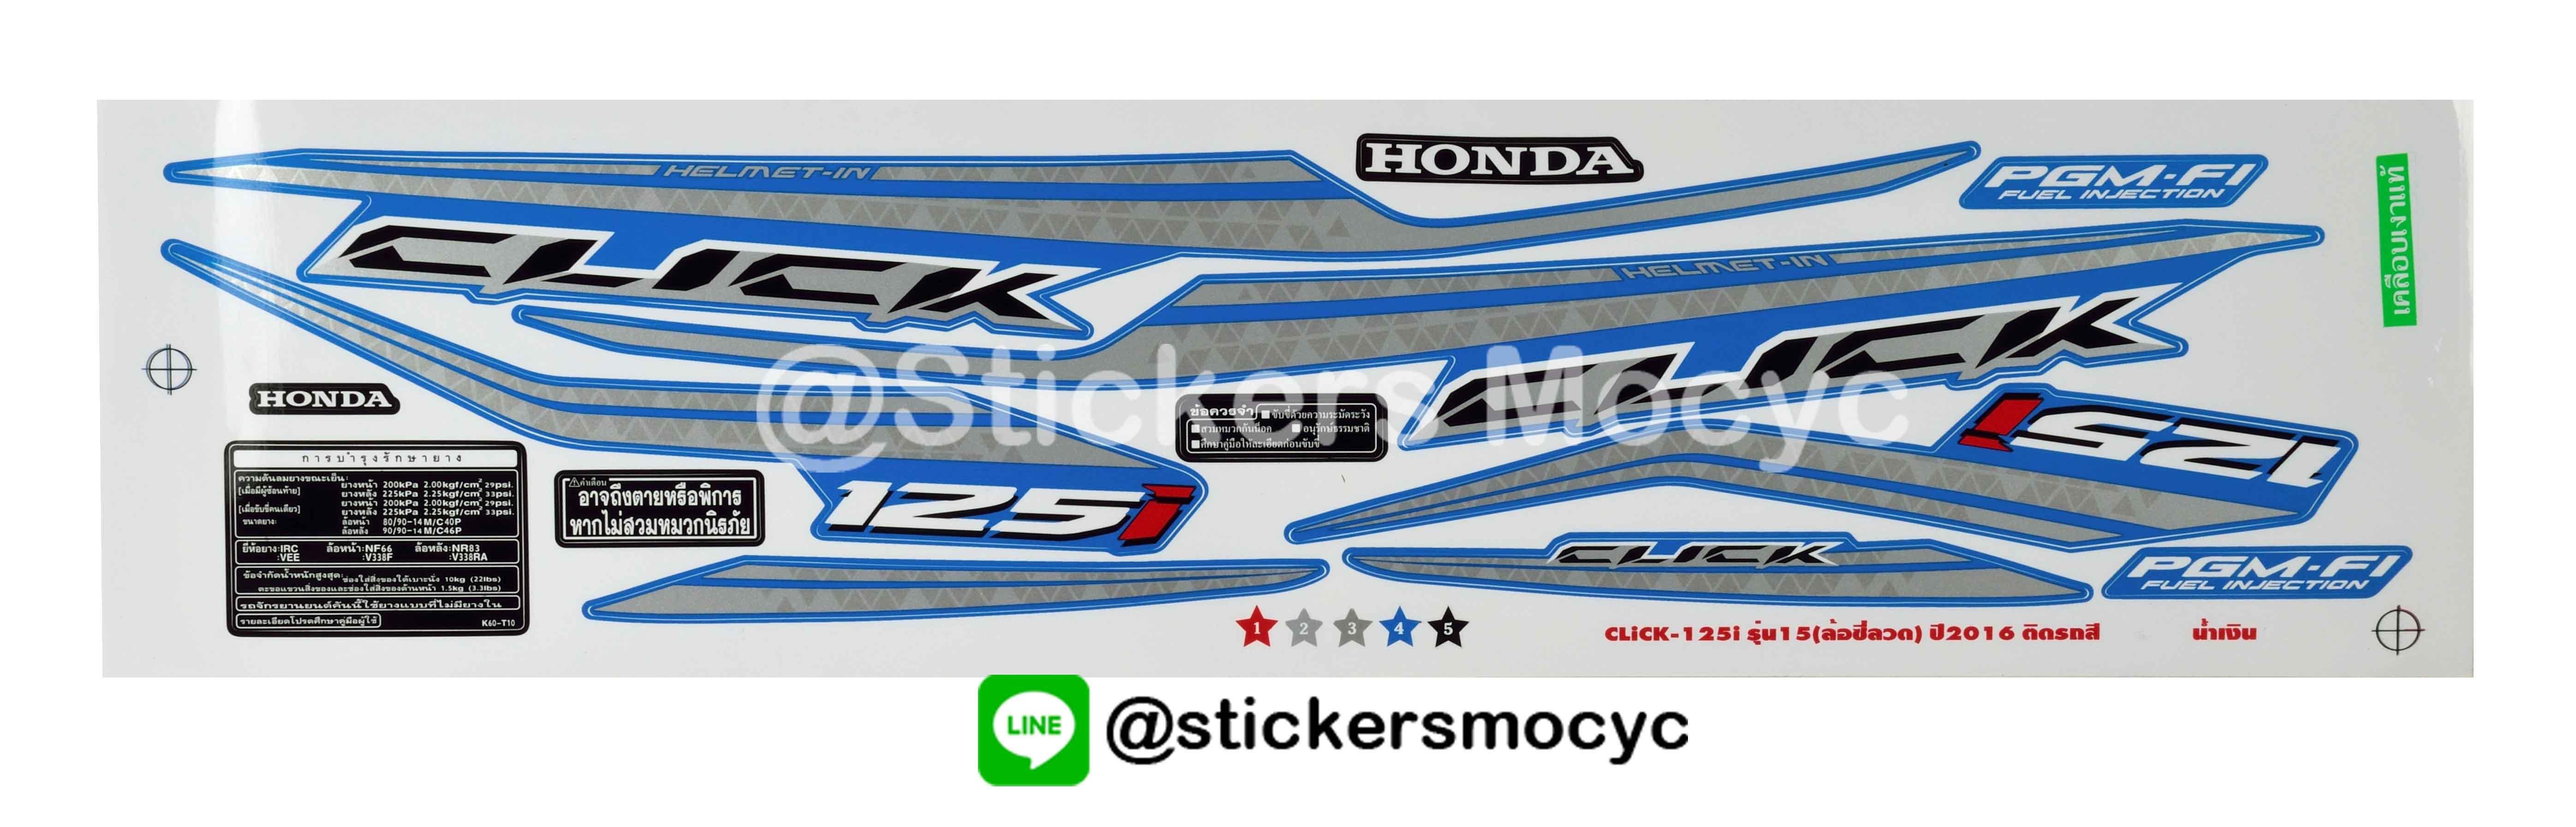 สติ๊กเกอร์ click 125i sticker click 125i แต่ง ปี 2016 รุ่น 15 (ล้อซี่ลวด) ติดรถ สีน้ำเงิน (เคลือบเงาแท้)